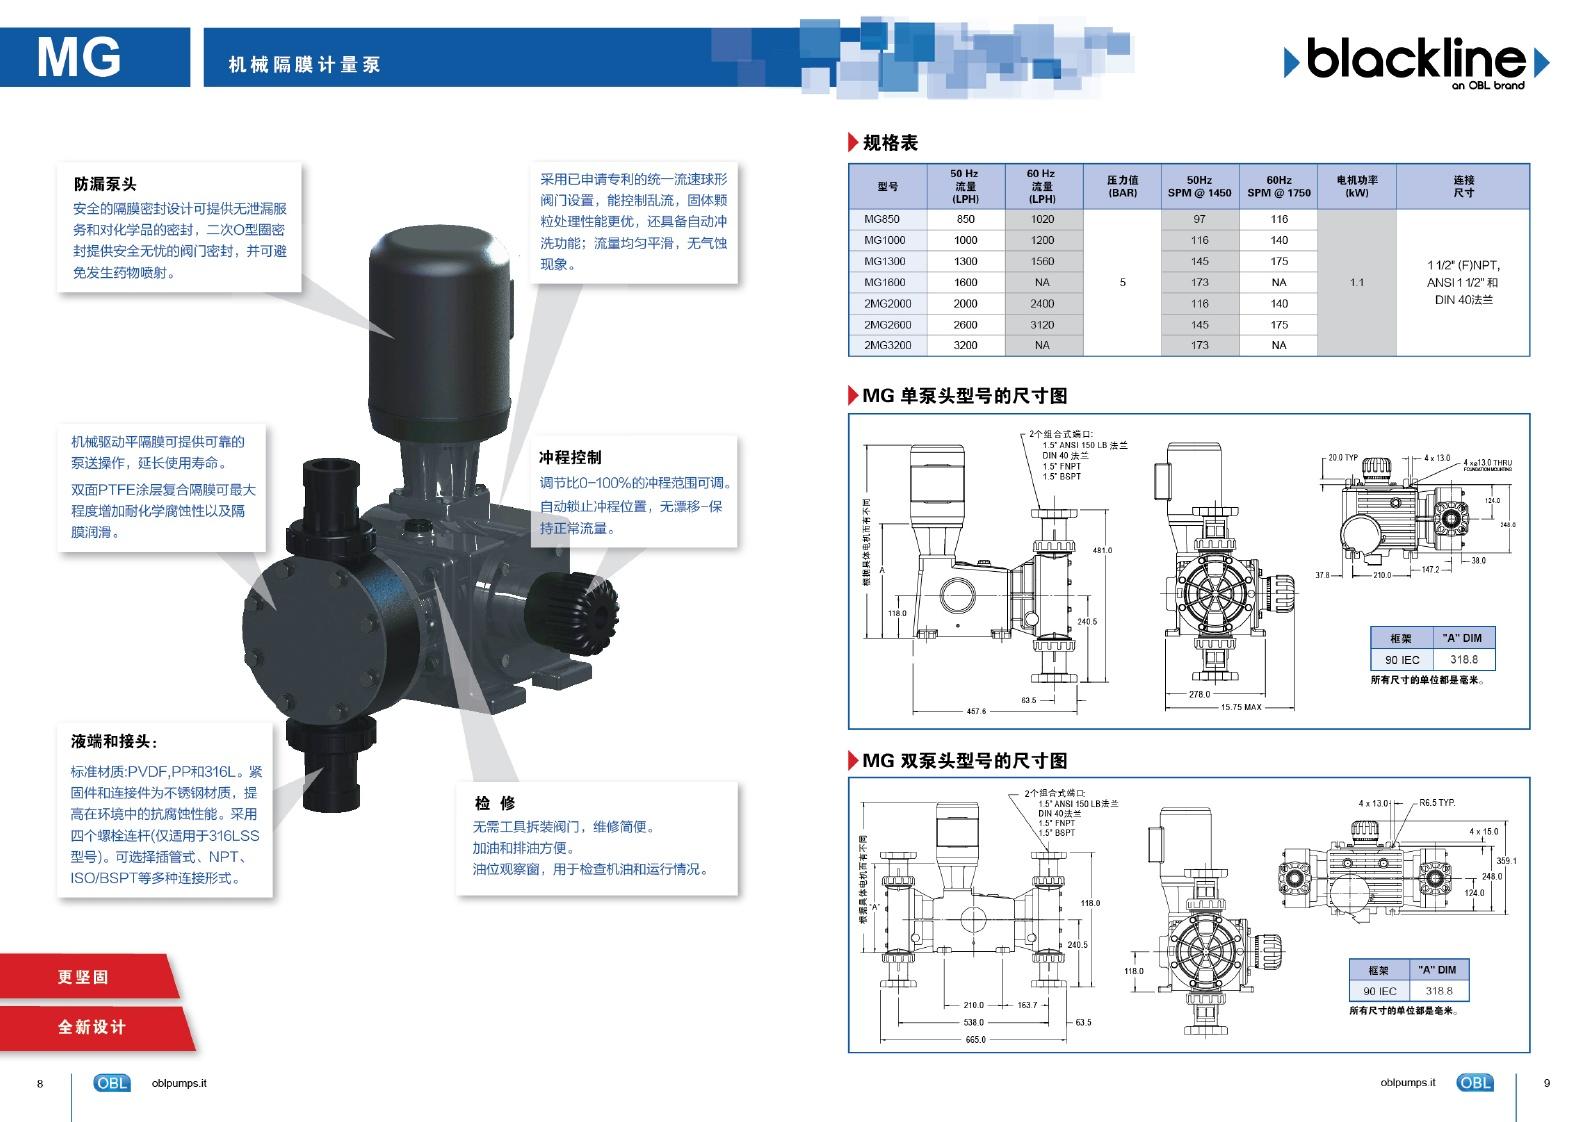 固化剂铸造机泵M321PPSV M321ASV M421PPSVM421ASV意大利OBL计量泵